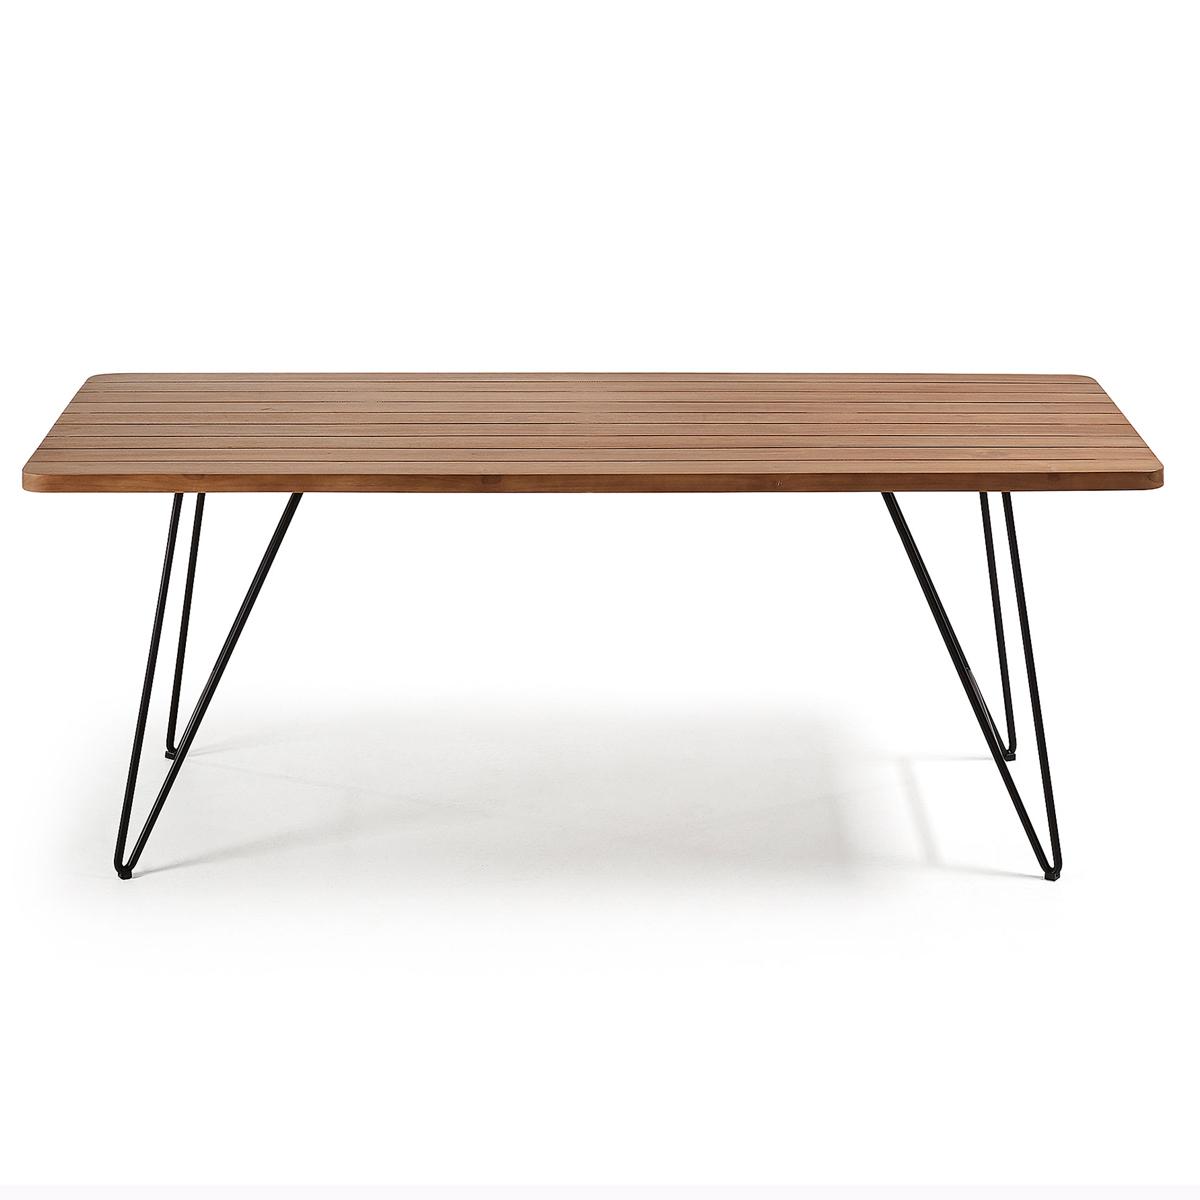 Table moderne en teck et acier - TECK - H 76 x 200 cm